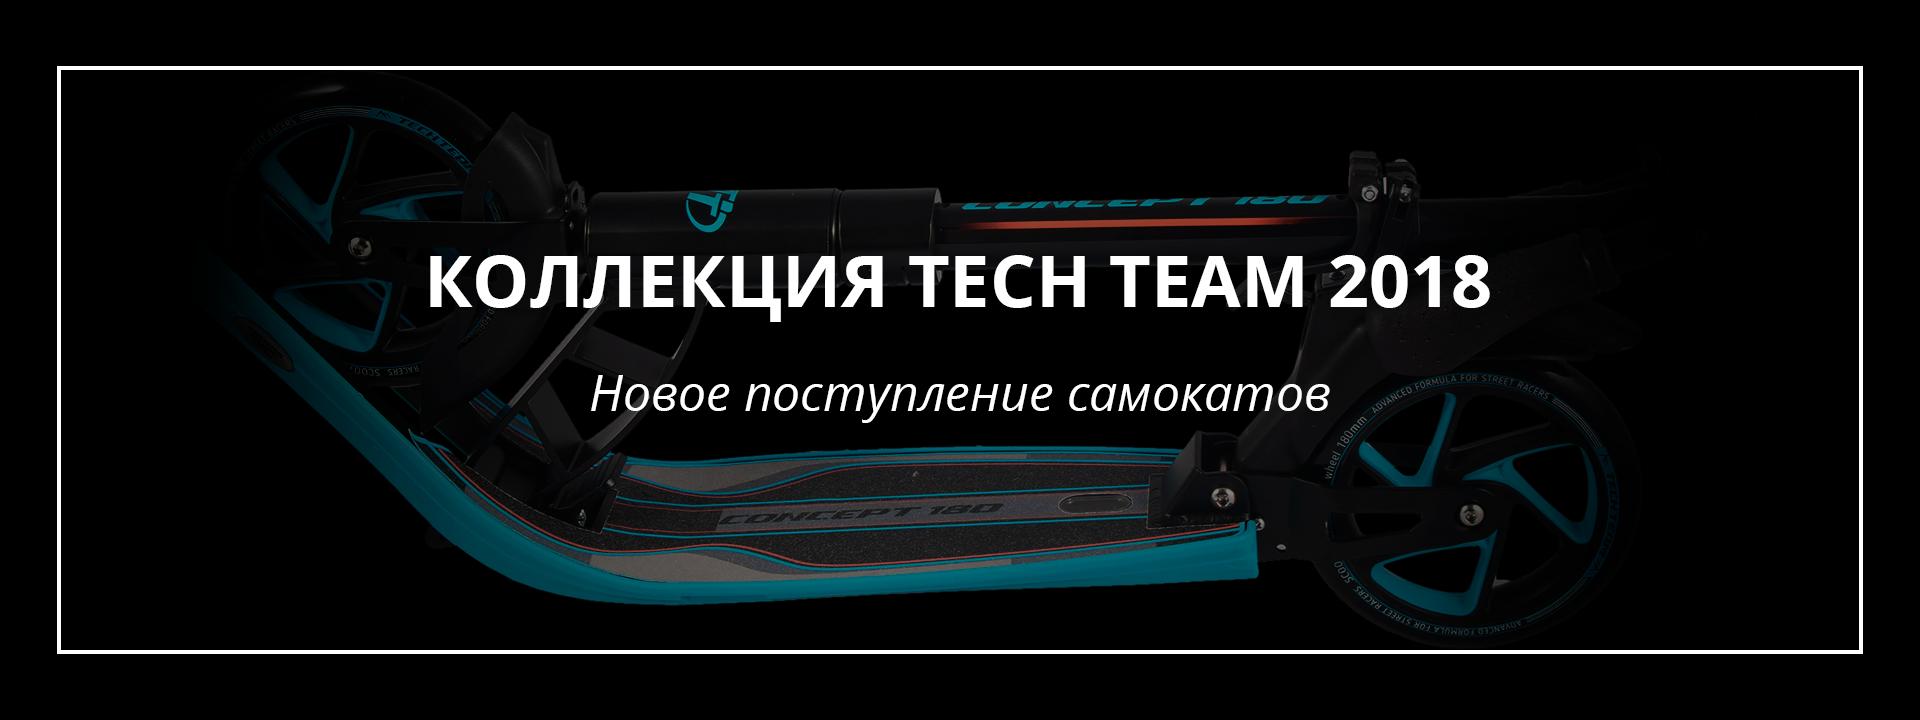 Новое поступление: коллекция самокатов Tech Team 2018